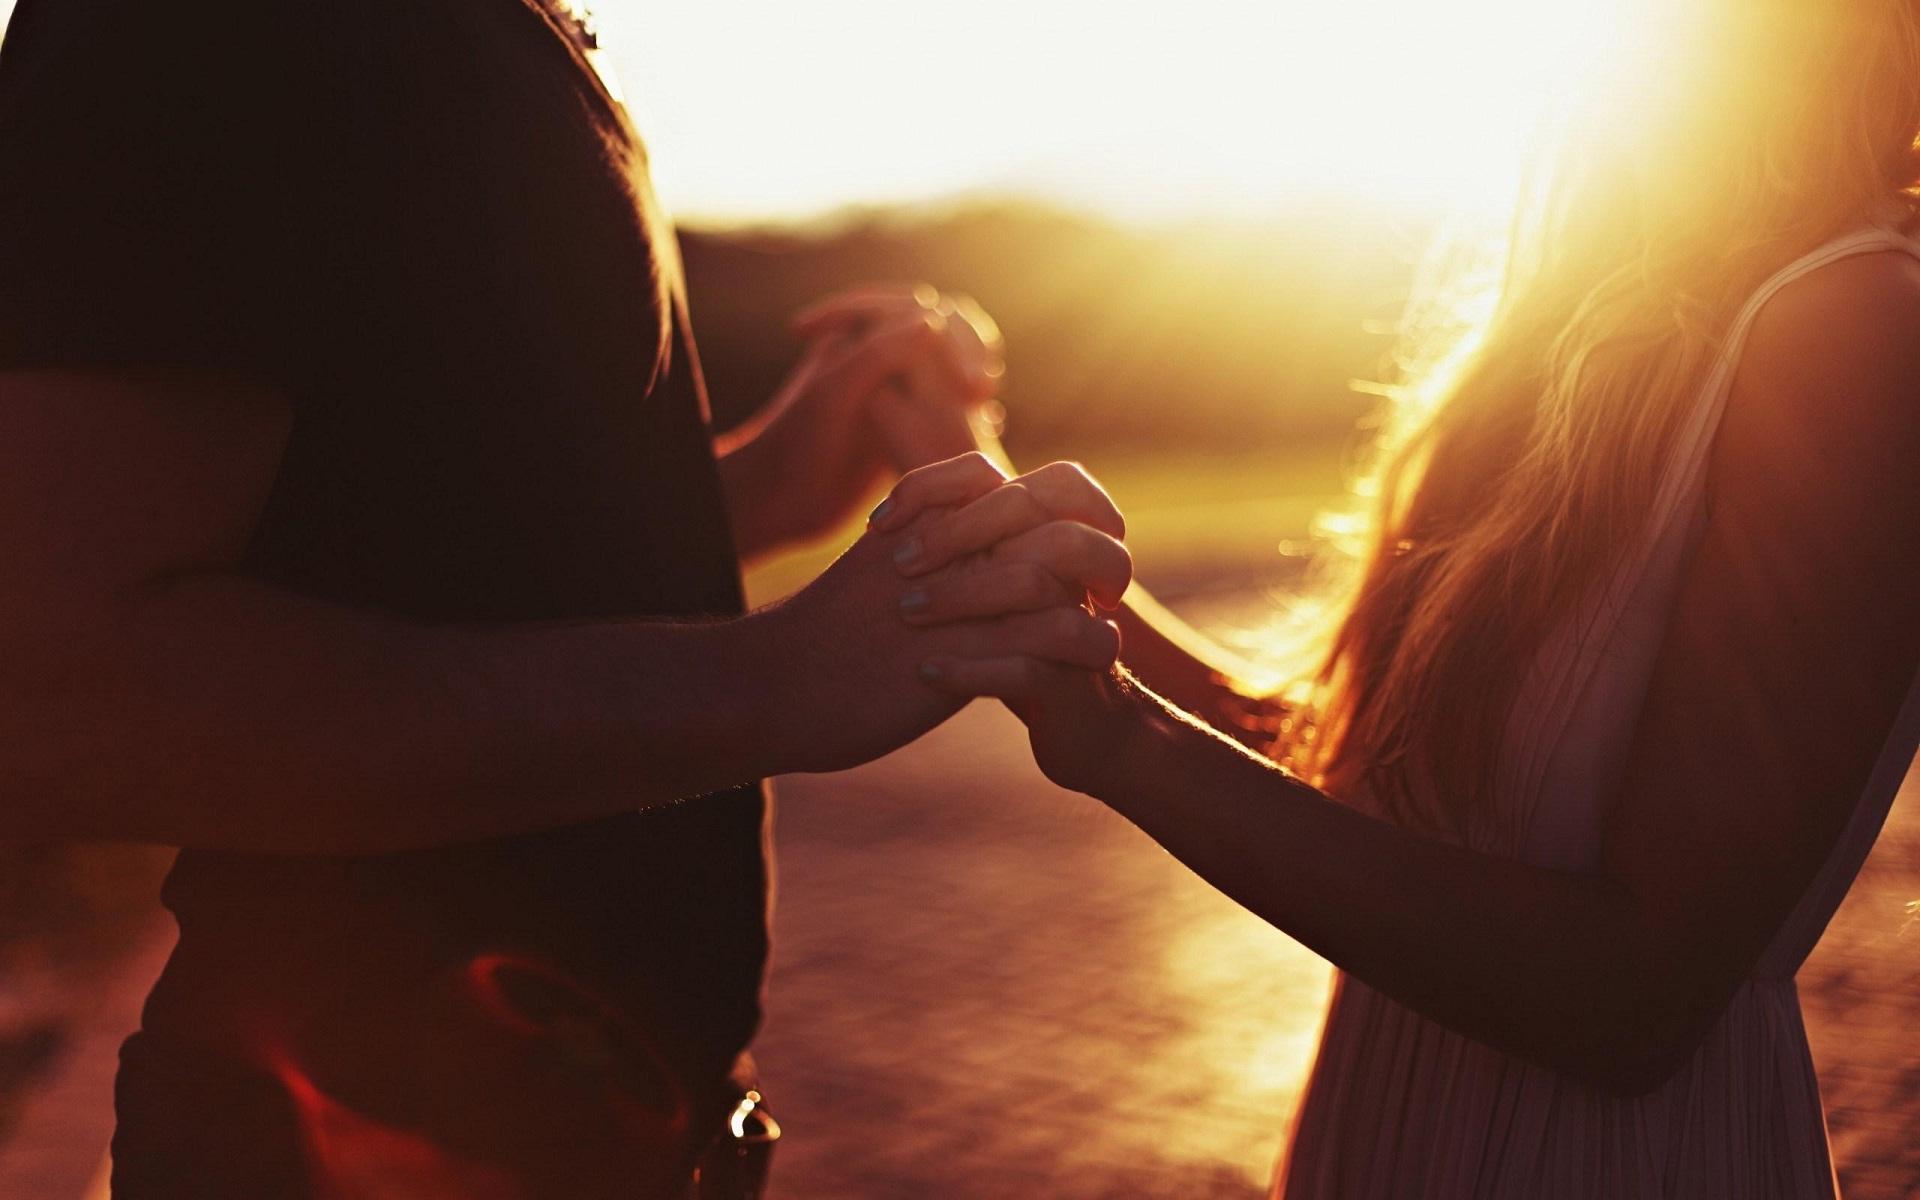 бывший парень,любовь возвращается,отношения,любовь,пара любовь,как наладить отношения,любовь из прошлого,бывший что-делать,леся ковальчук